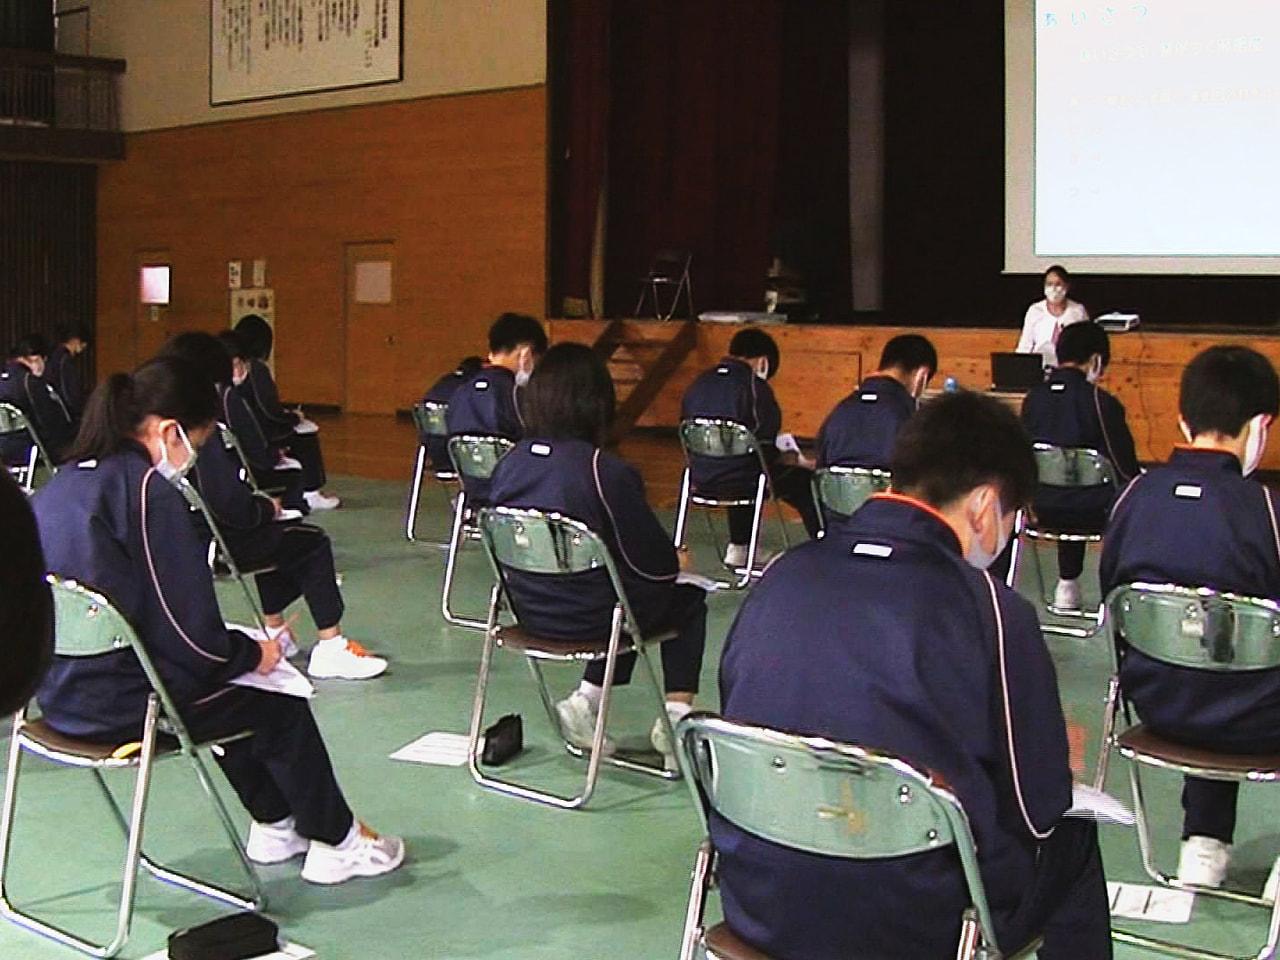 岐阜県高山市の東山中学校では、コロナ禍で中止となった職業体験学習に代わって、ビジ...